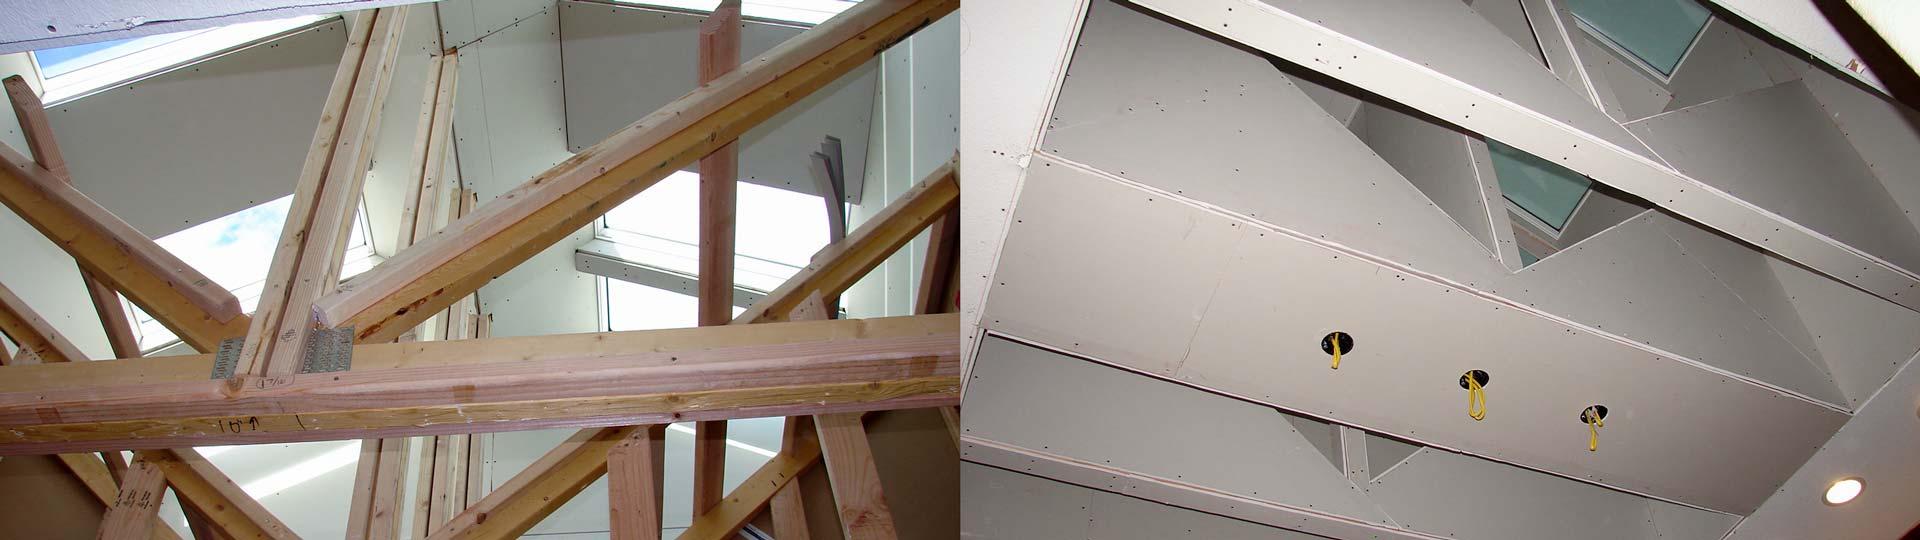 skylight shaft ridgelight 15945